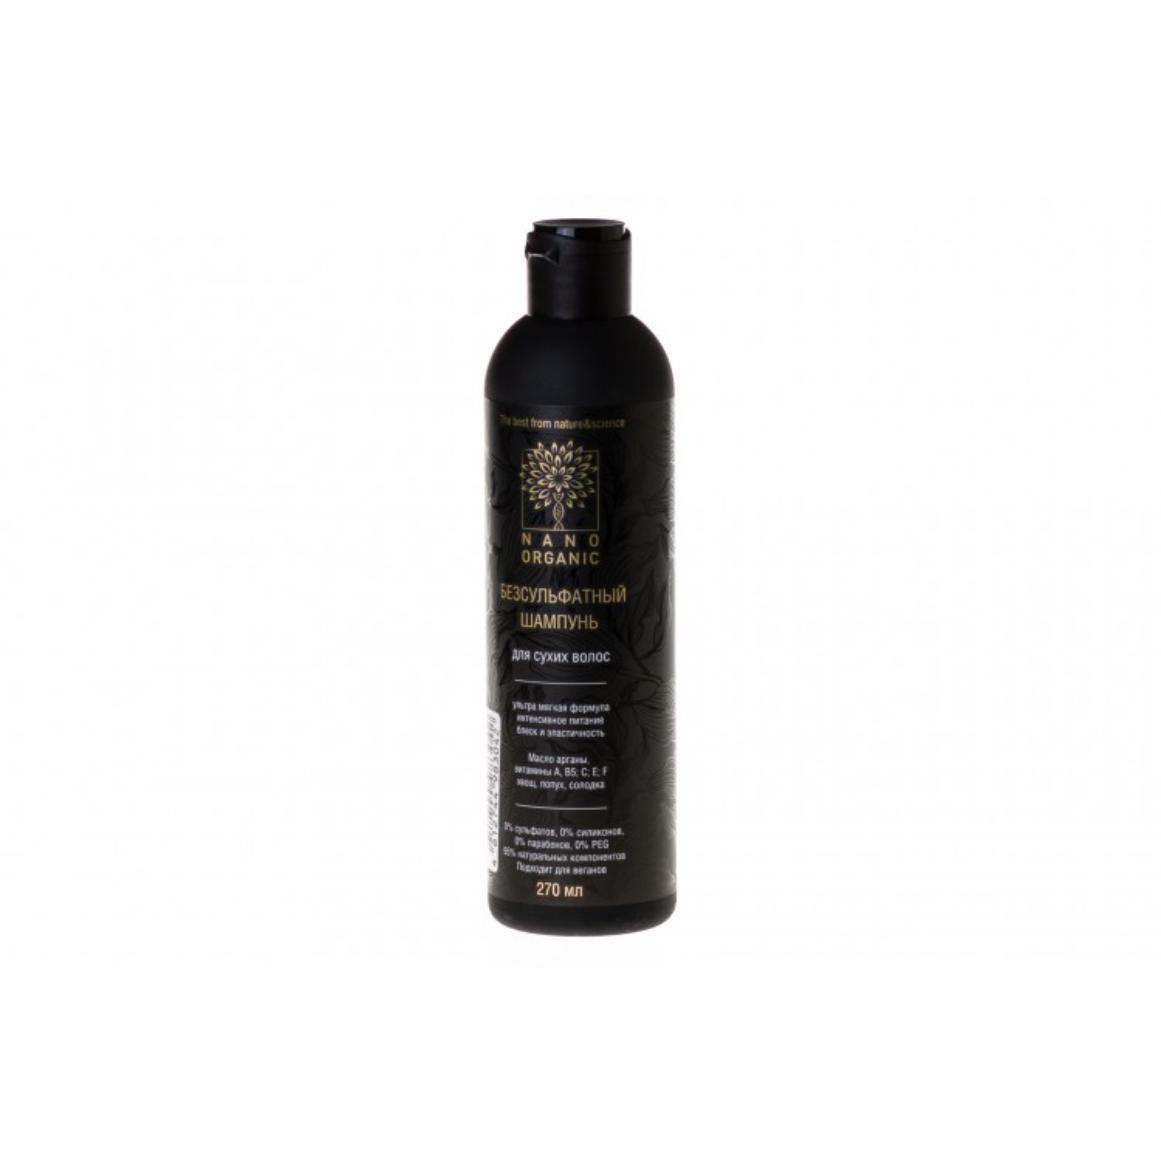 Шампунь для сухих и поврежденных волос, 270 мл, Nano Organic фото